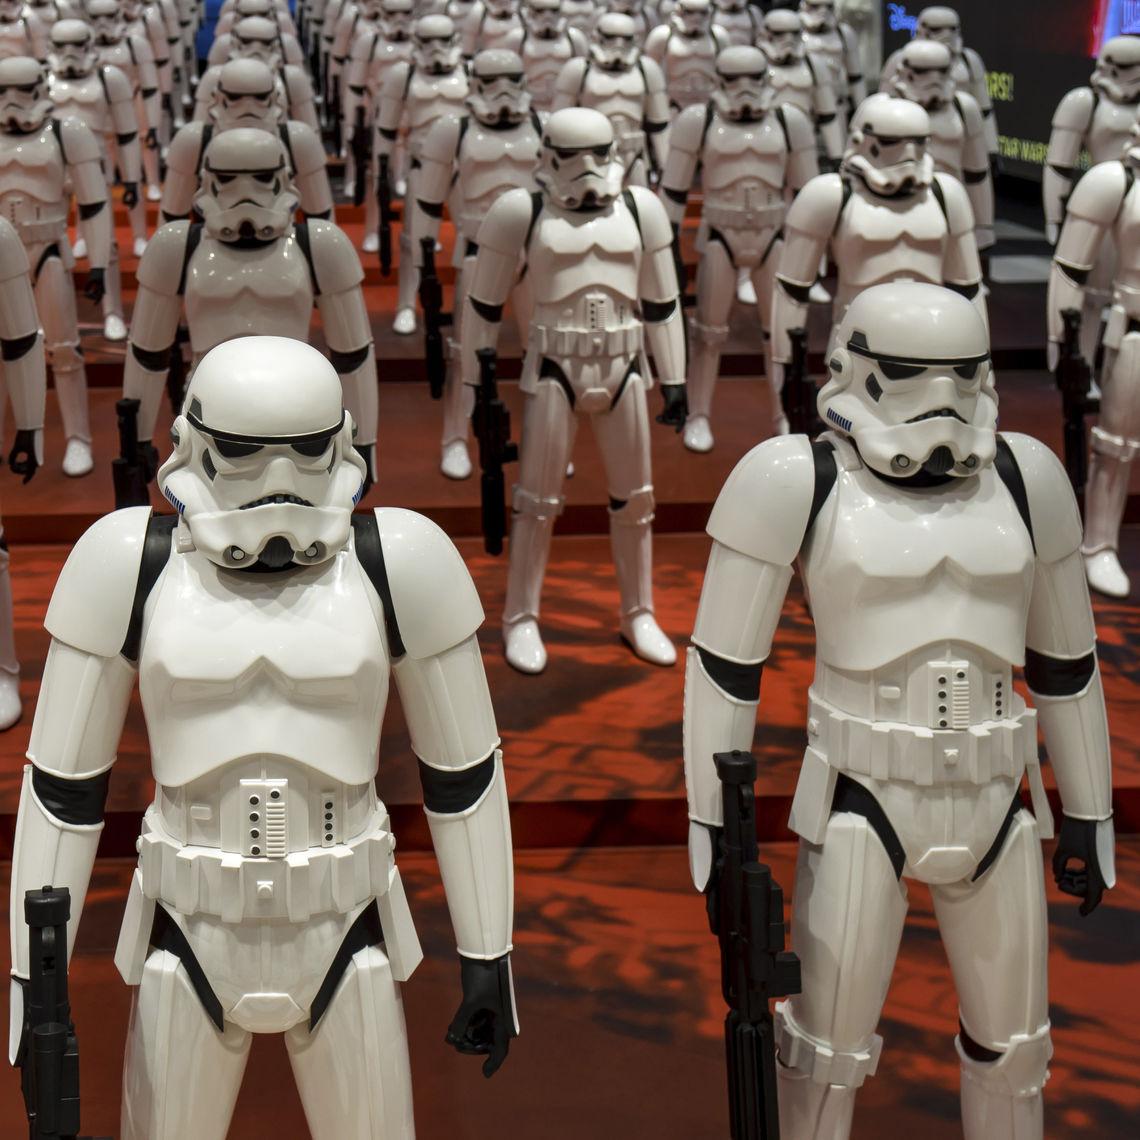 """Grimmige Gestalten: eine Troopers-Armee, wie man sie aus den alten """"Star Wars""""-Filmen kennt. In den neuen Episoden ist die Rüstung modifiziert, mit orangen Schulterpanzern zum Beispiel."""